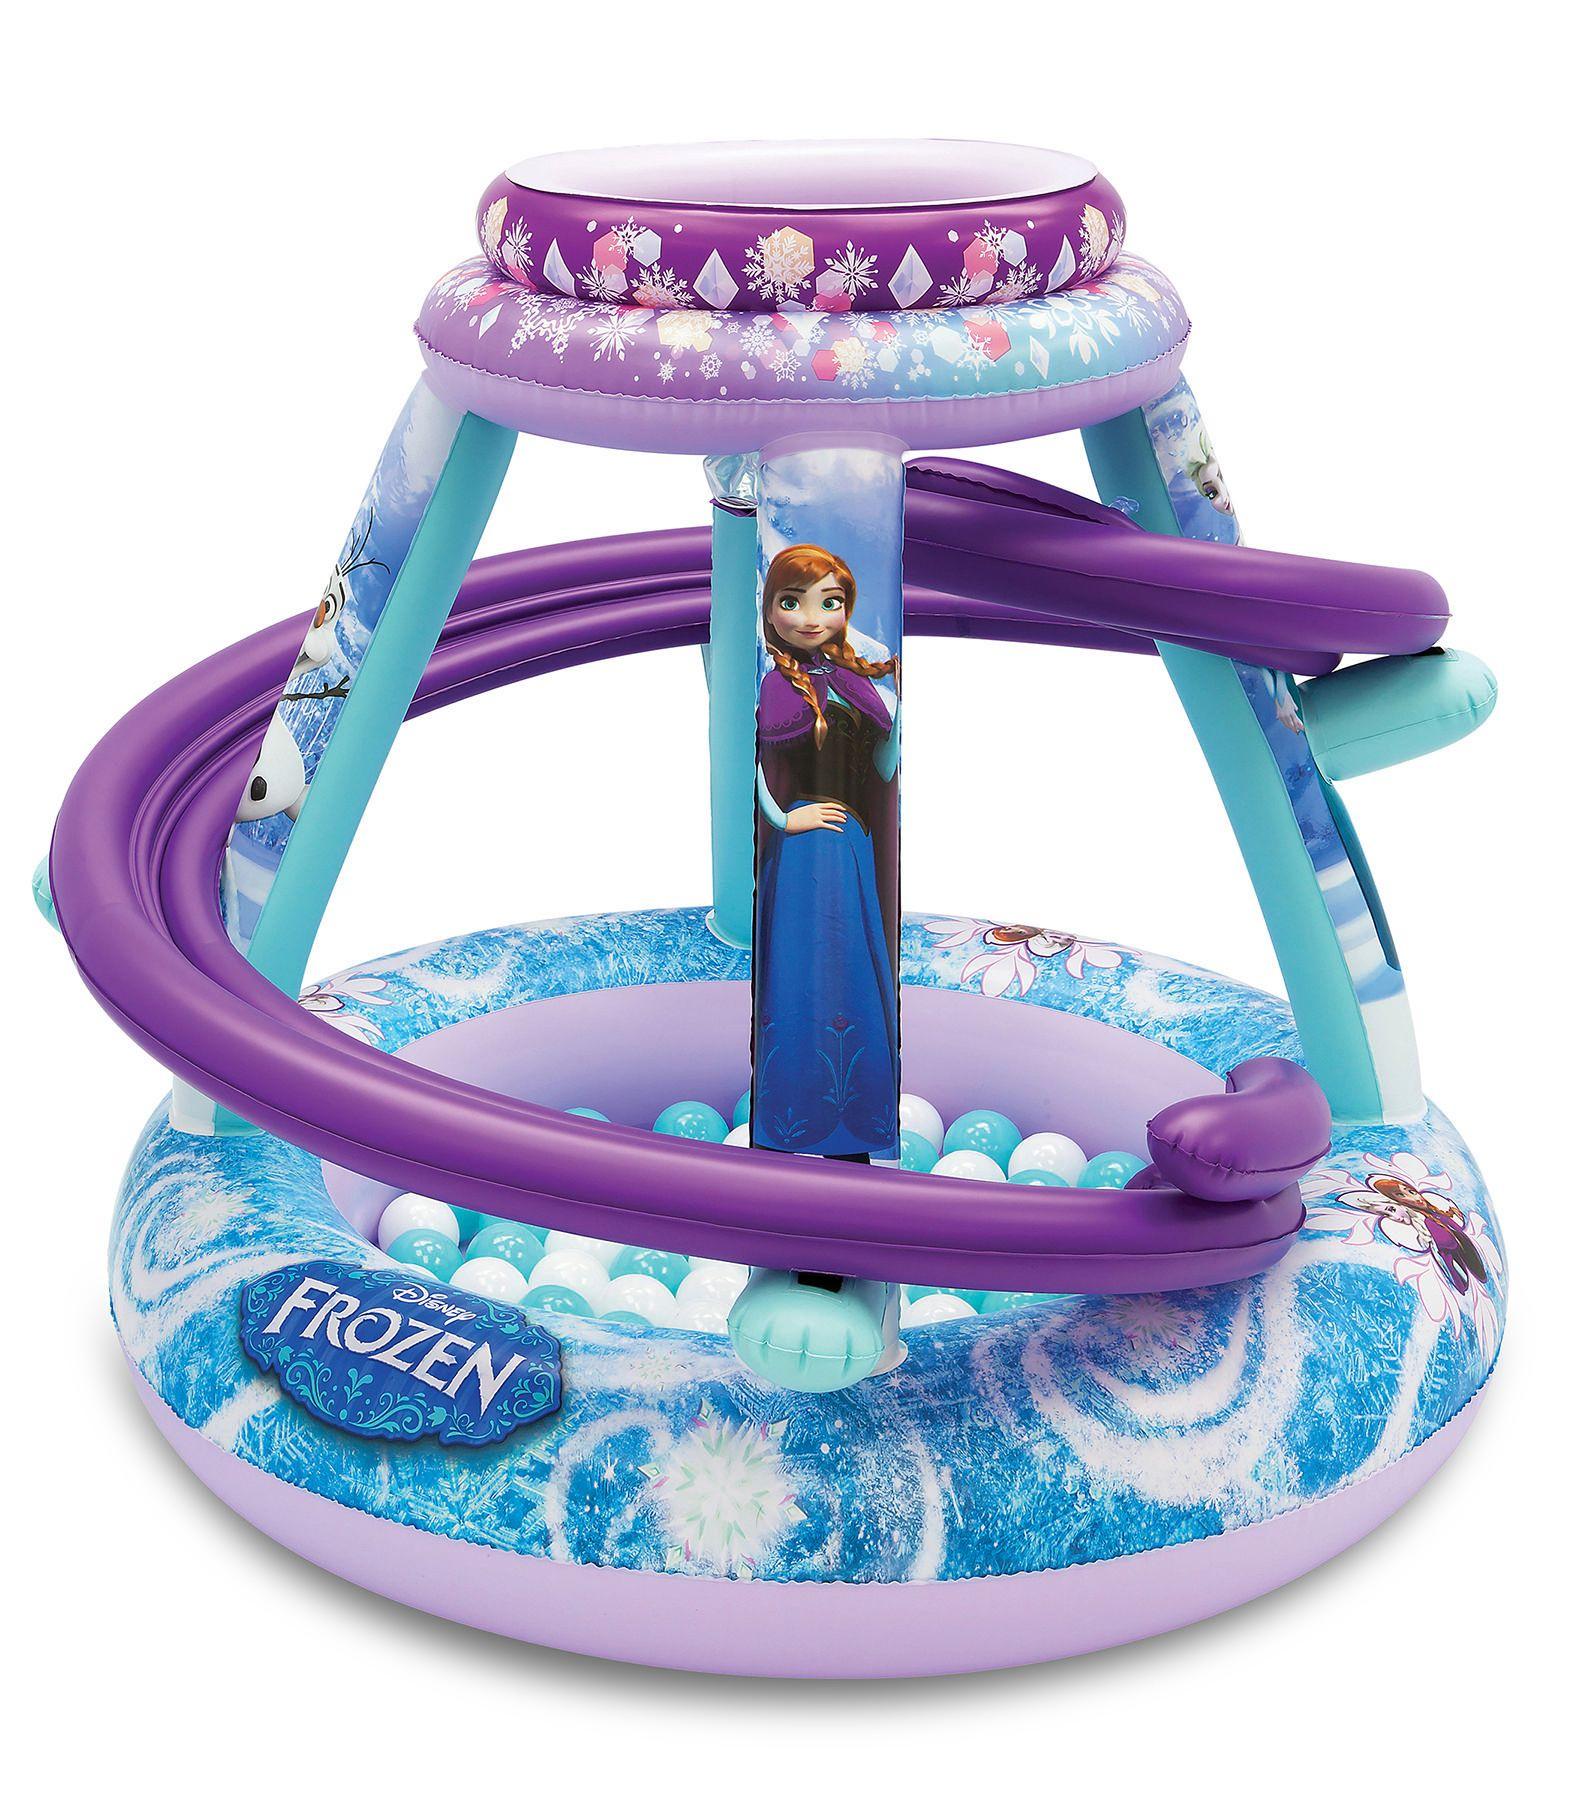 Https://Truimg.toysrus/Product/Images/Disney-Frozen ... à Piscine A Balle Toysrus